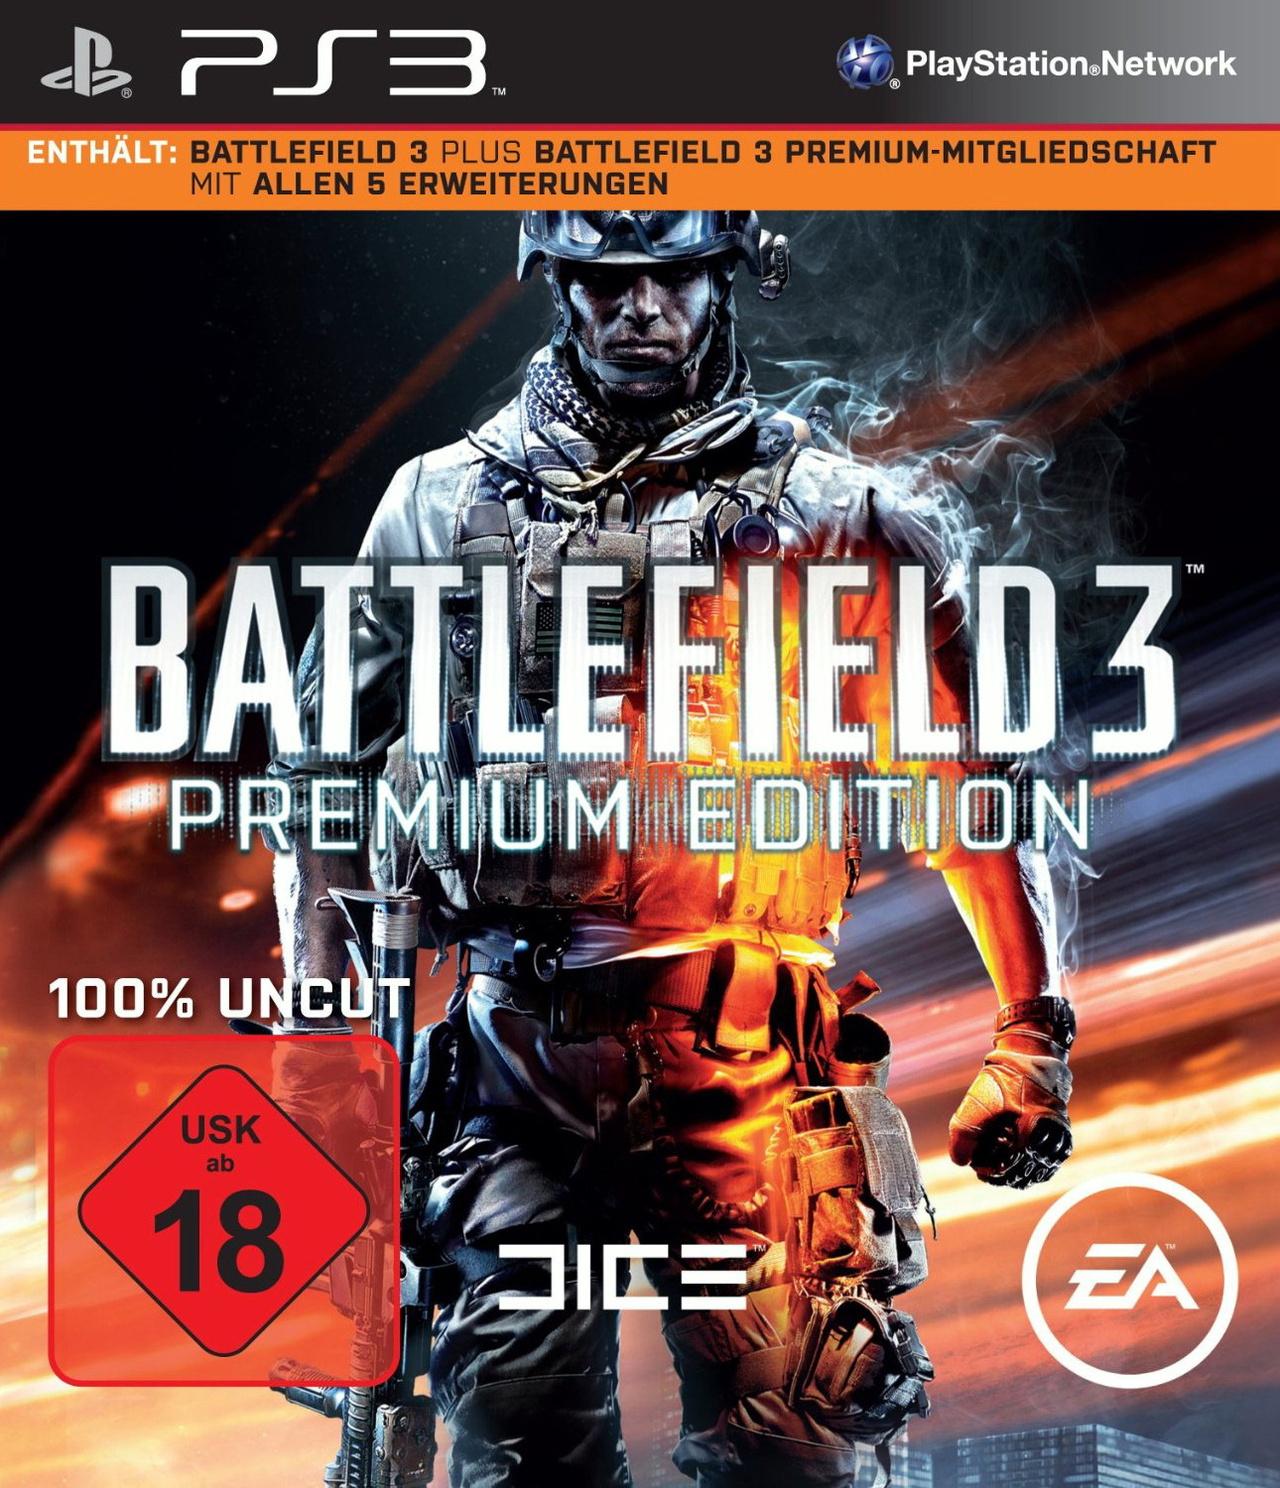 Battlefield 3 [Premium Edition]